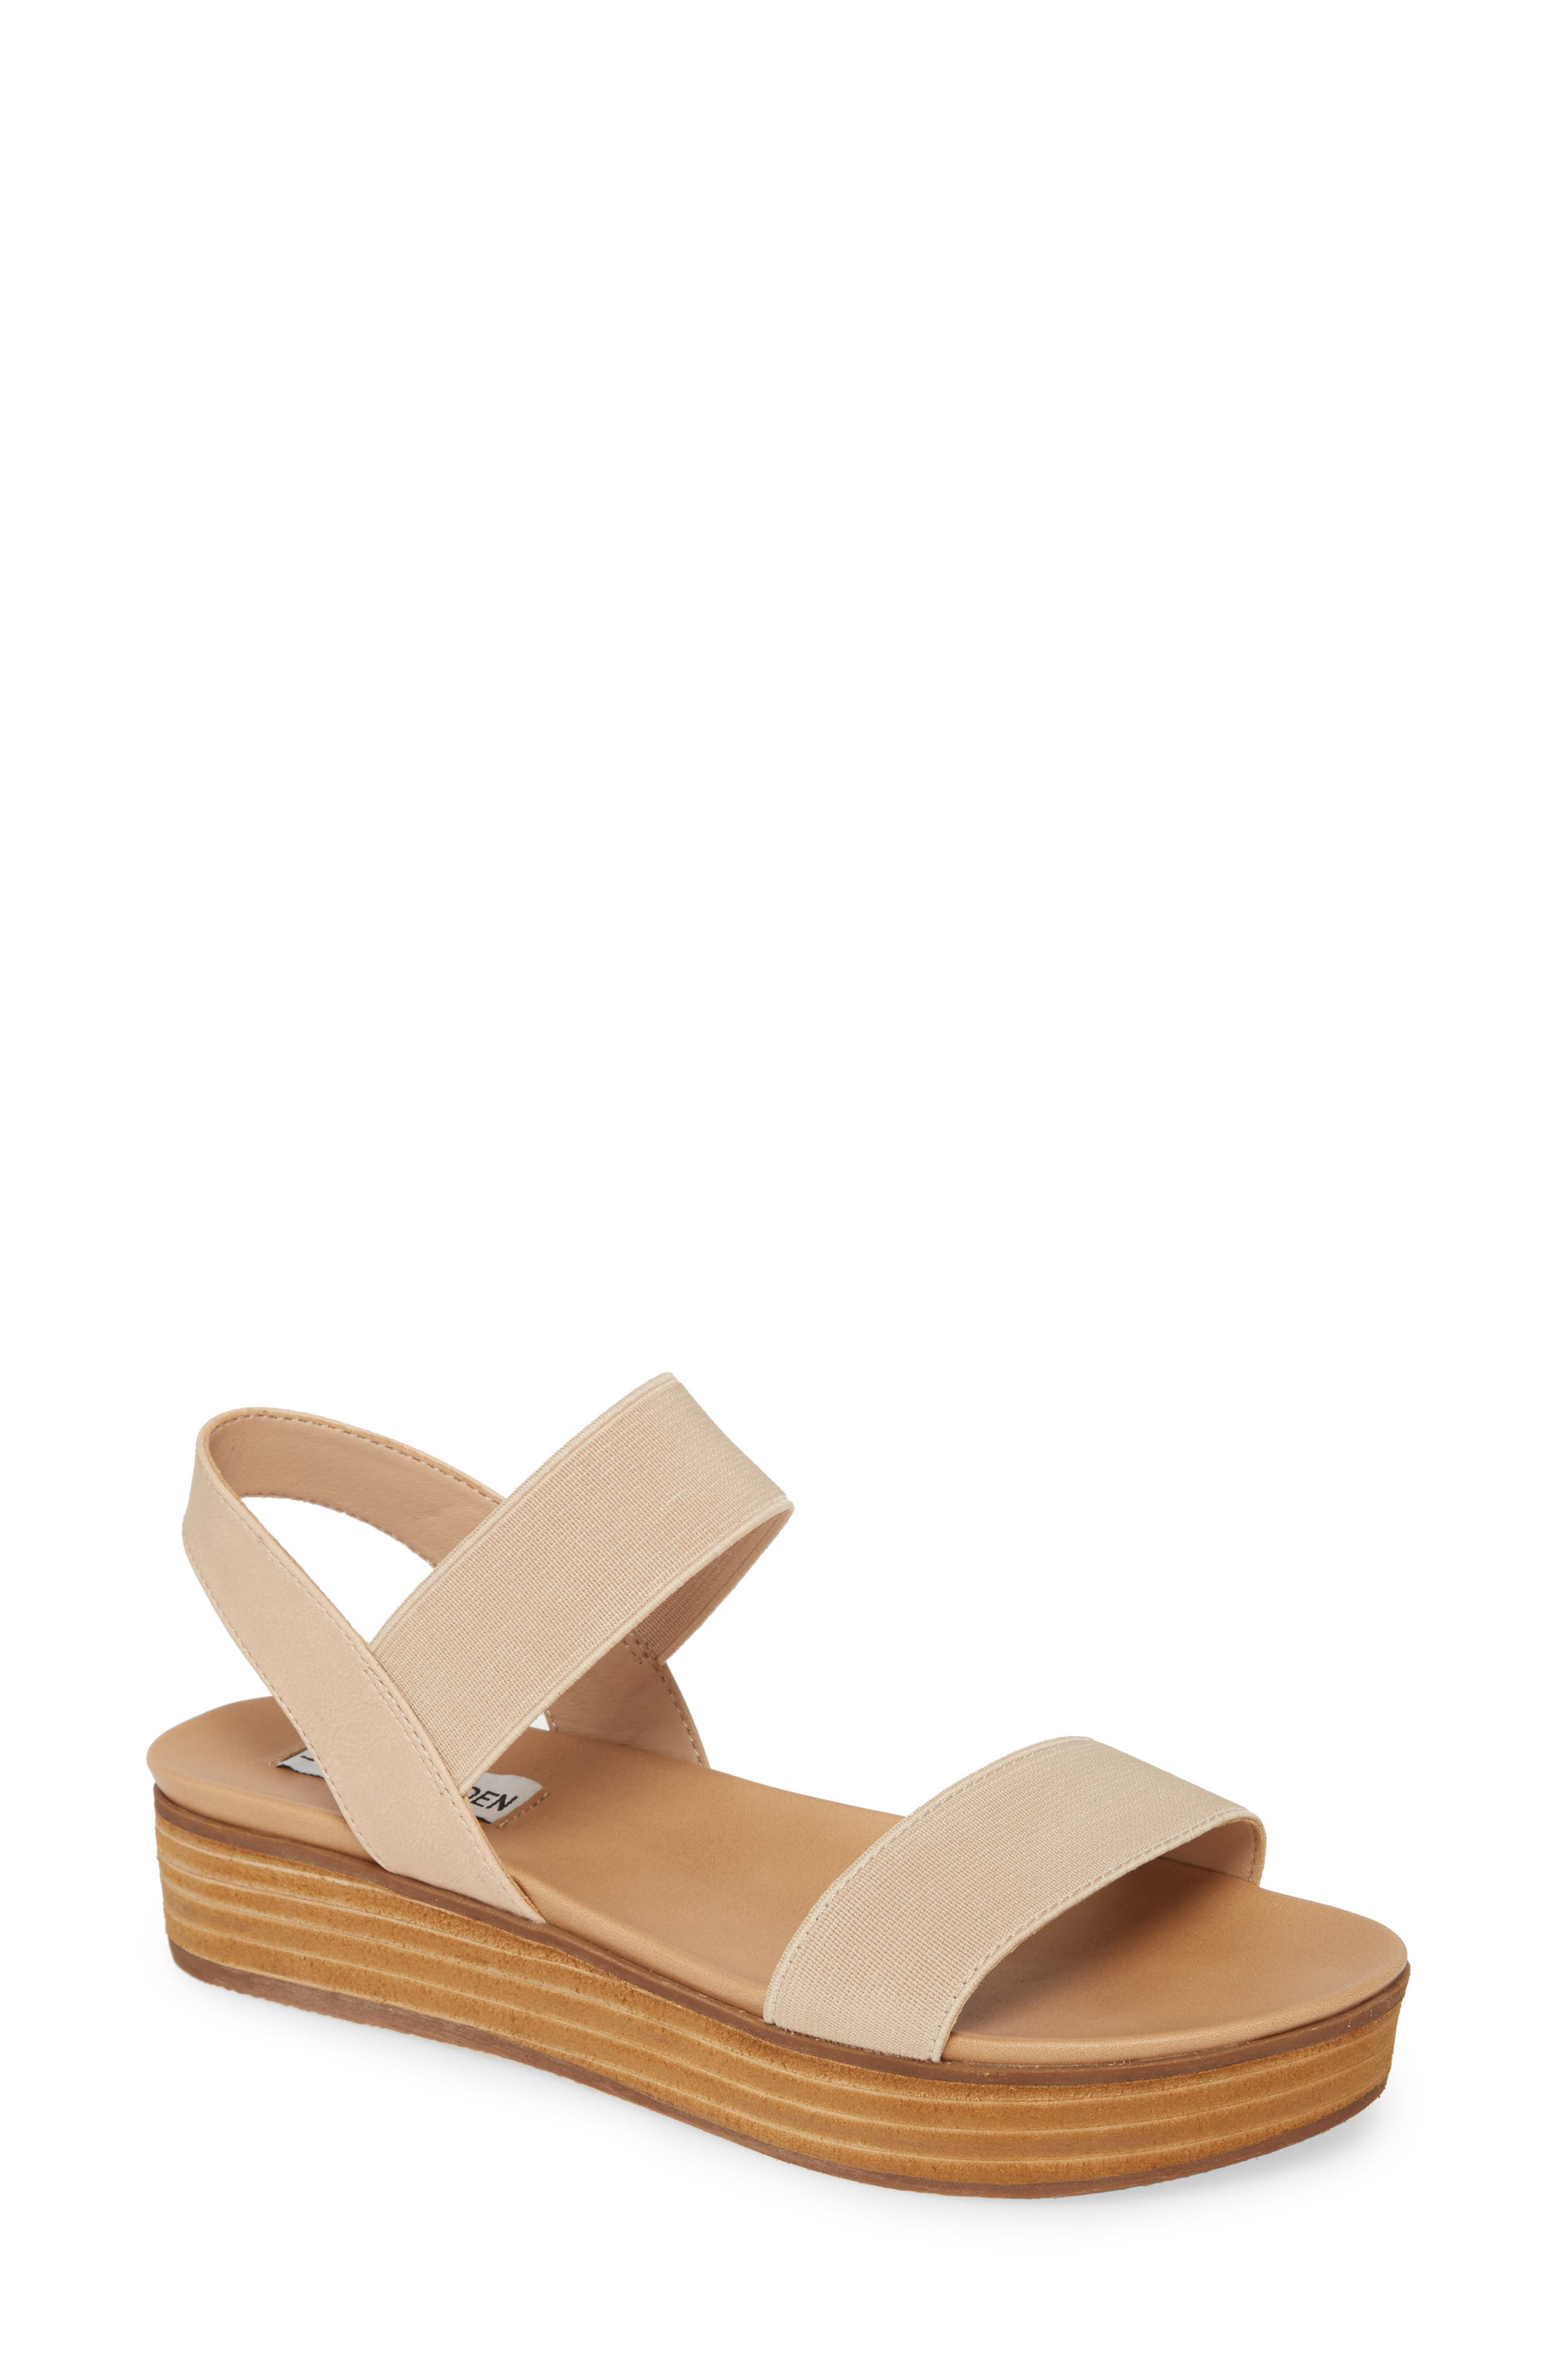 Steve Madden Agile Platform Sandal (Women)